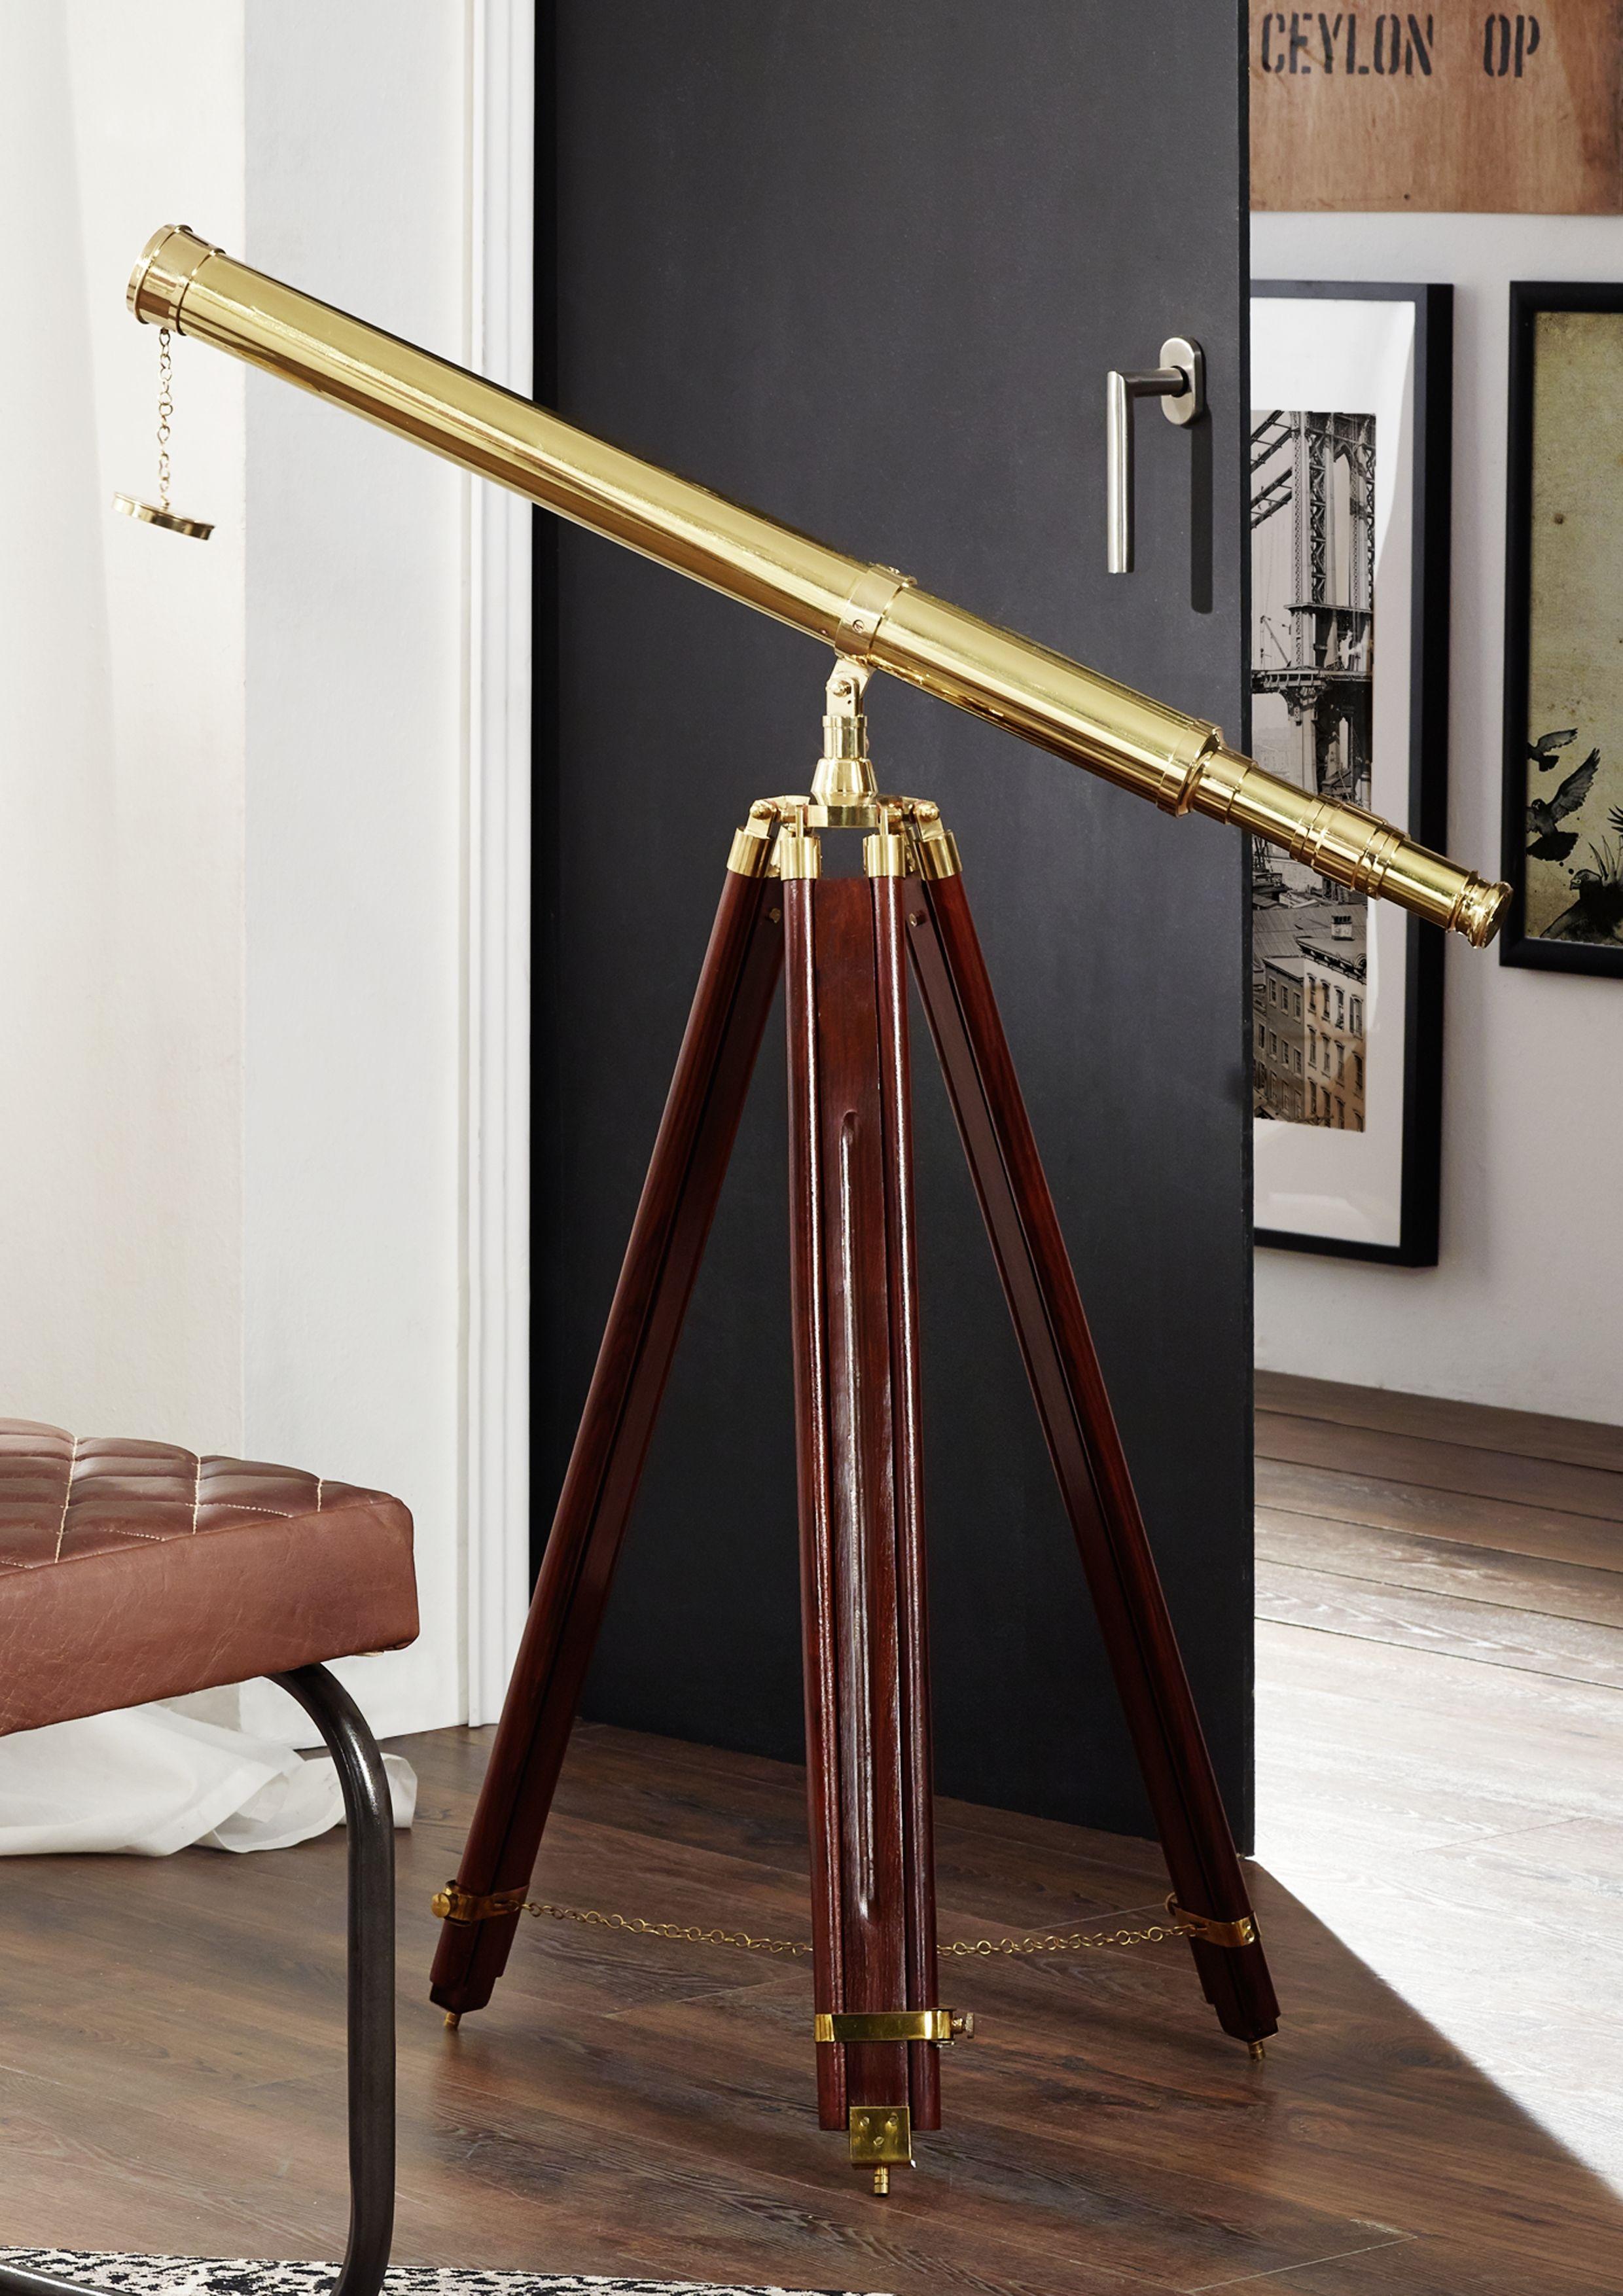 Deko Teleskop Aus Holz Und Messing. Dieses Schöne Accessoire Bringt Träume  Von Der Unendlichkeit